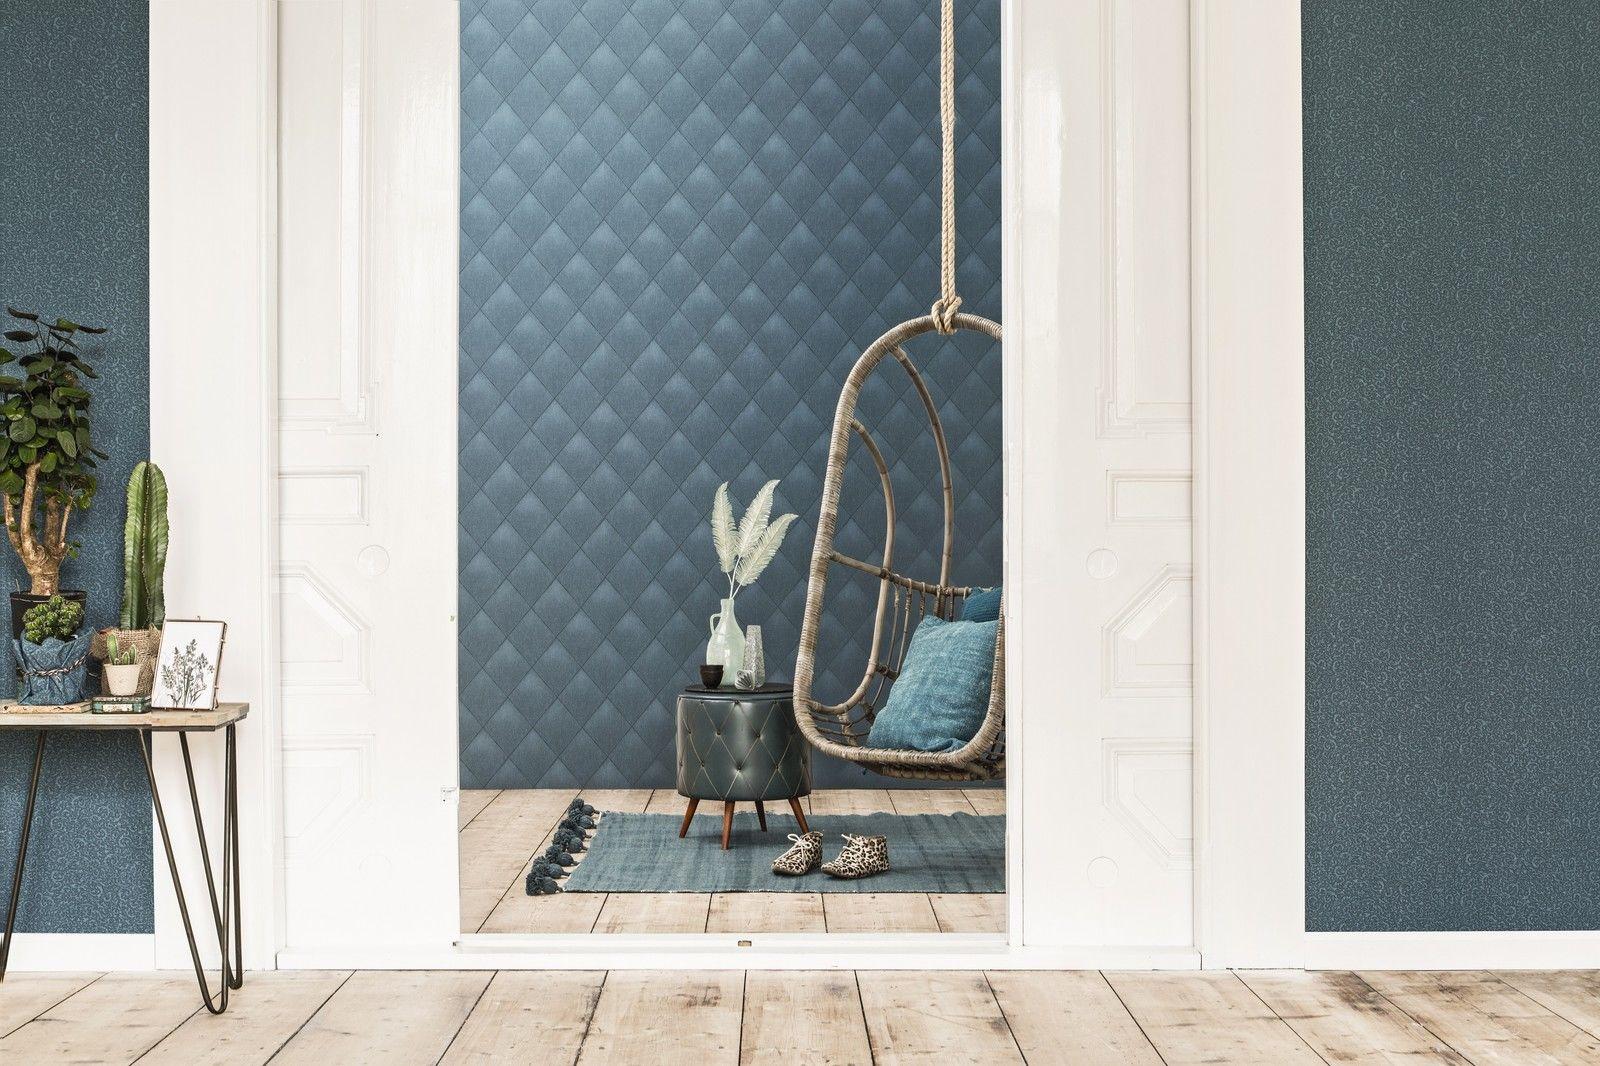 Vlies tapete rauten muster blau grau karo caro kariert textil jeans optik 17625 kaufen bei - Tapete petrol blau ...